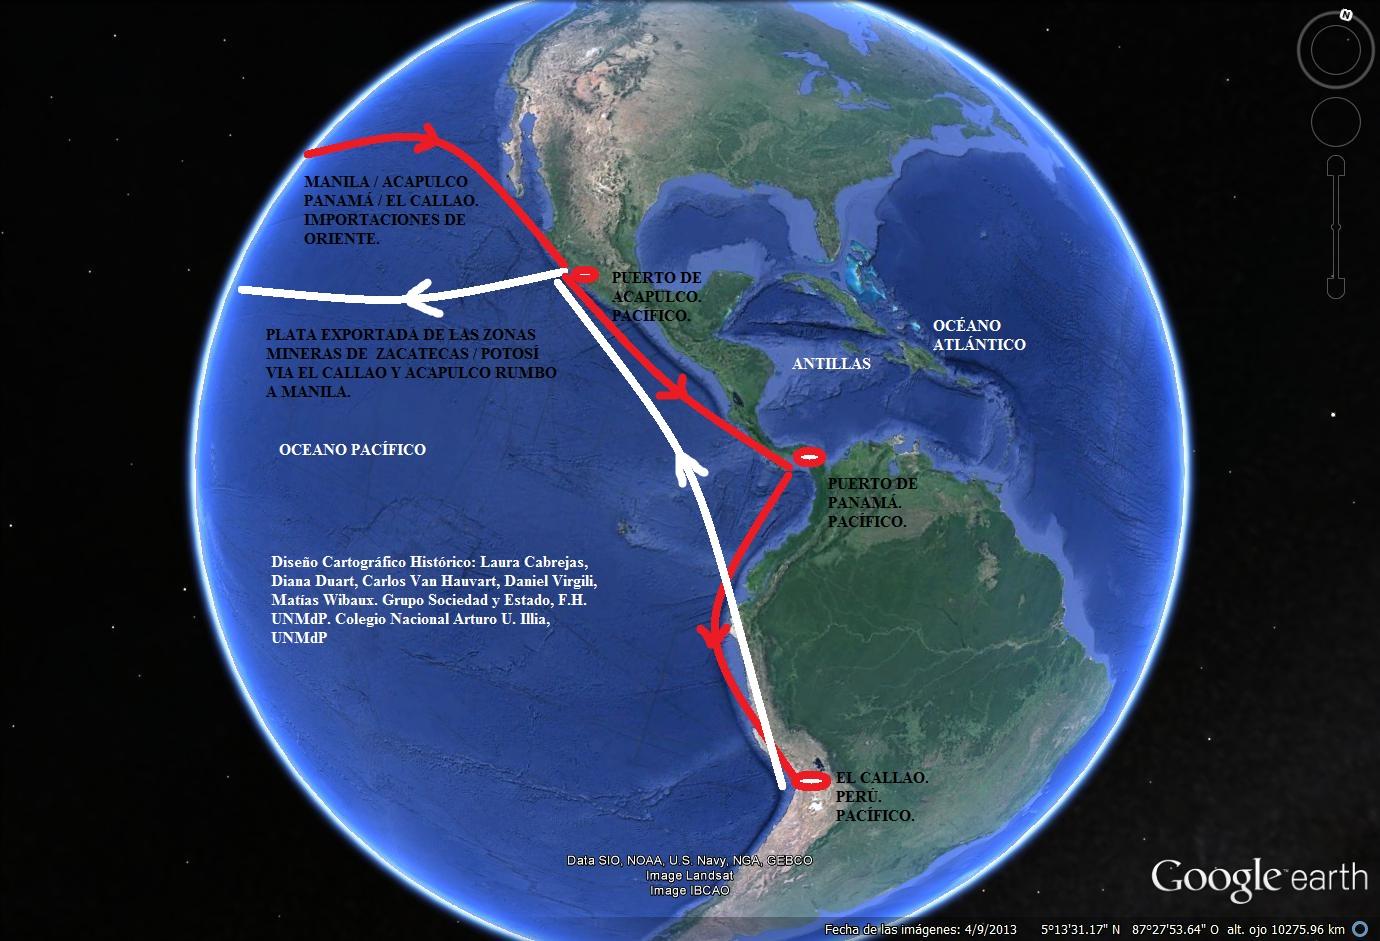 Mapa de las rutas comerciales en el Océano Pacífico entre las Filipinas y el Imperio Español en América.